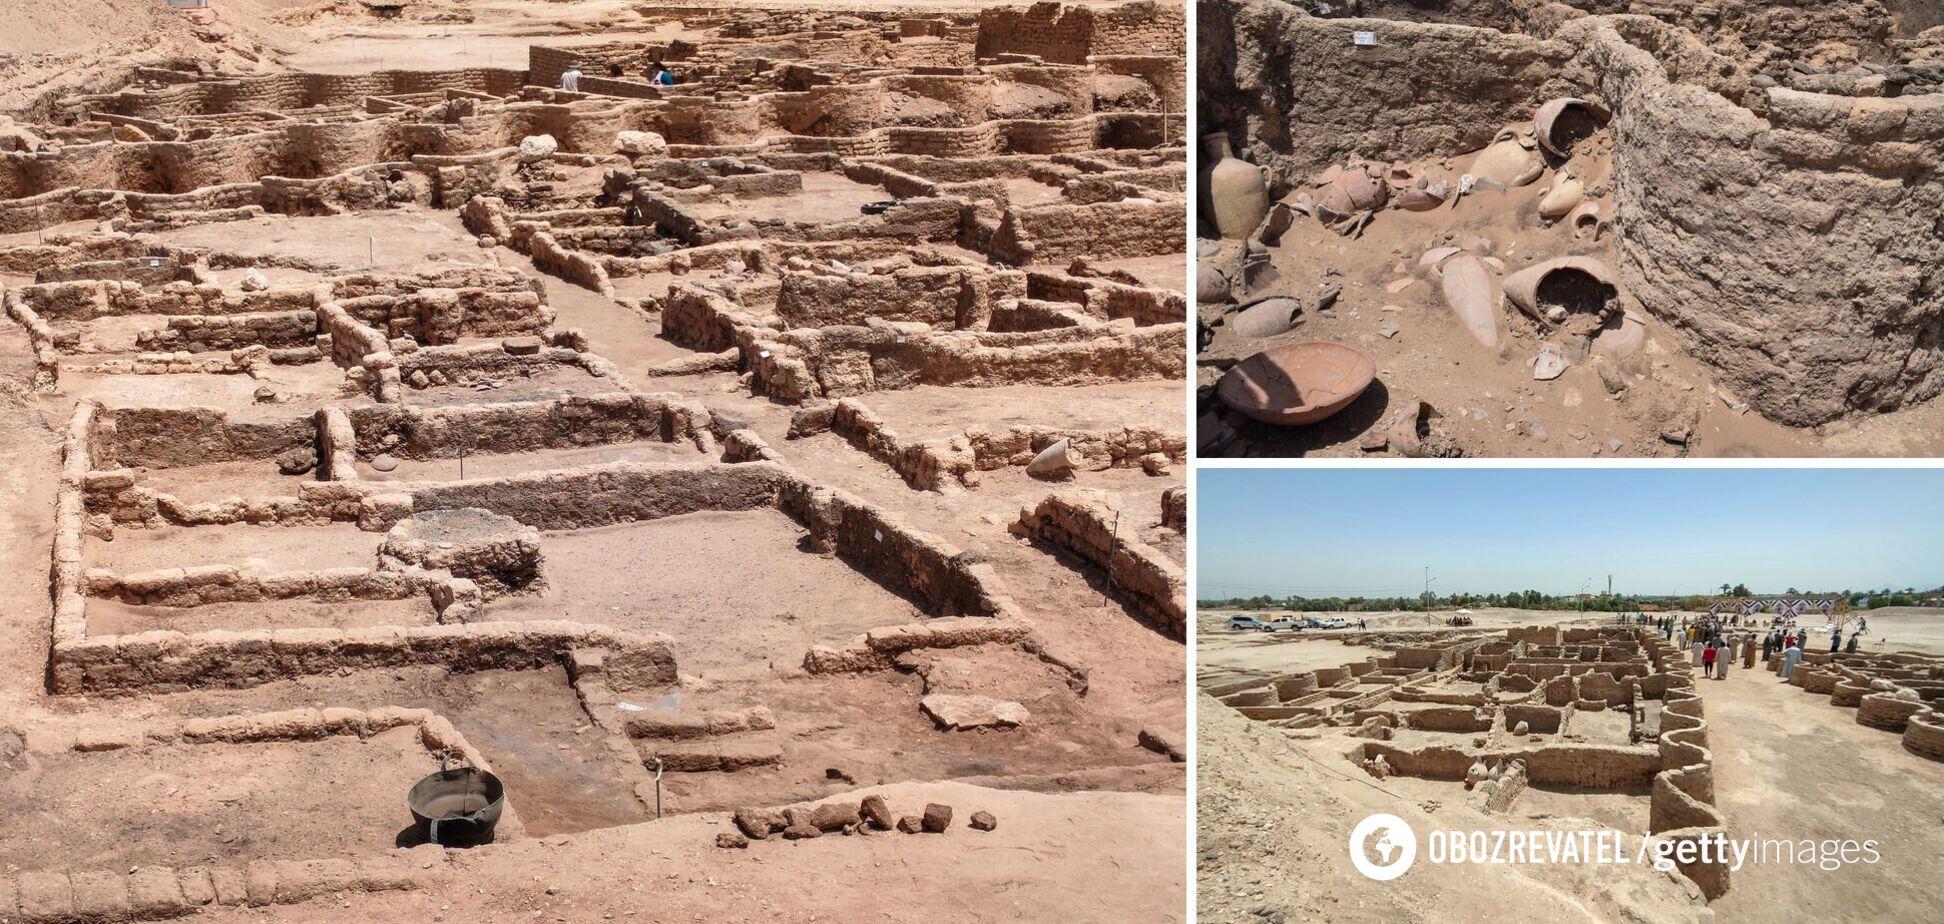 У Єгипті виявили 'золоте місто', загублене 3000 років тому. Фото